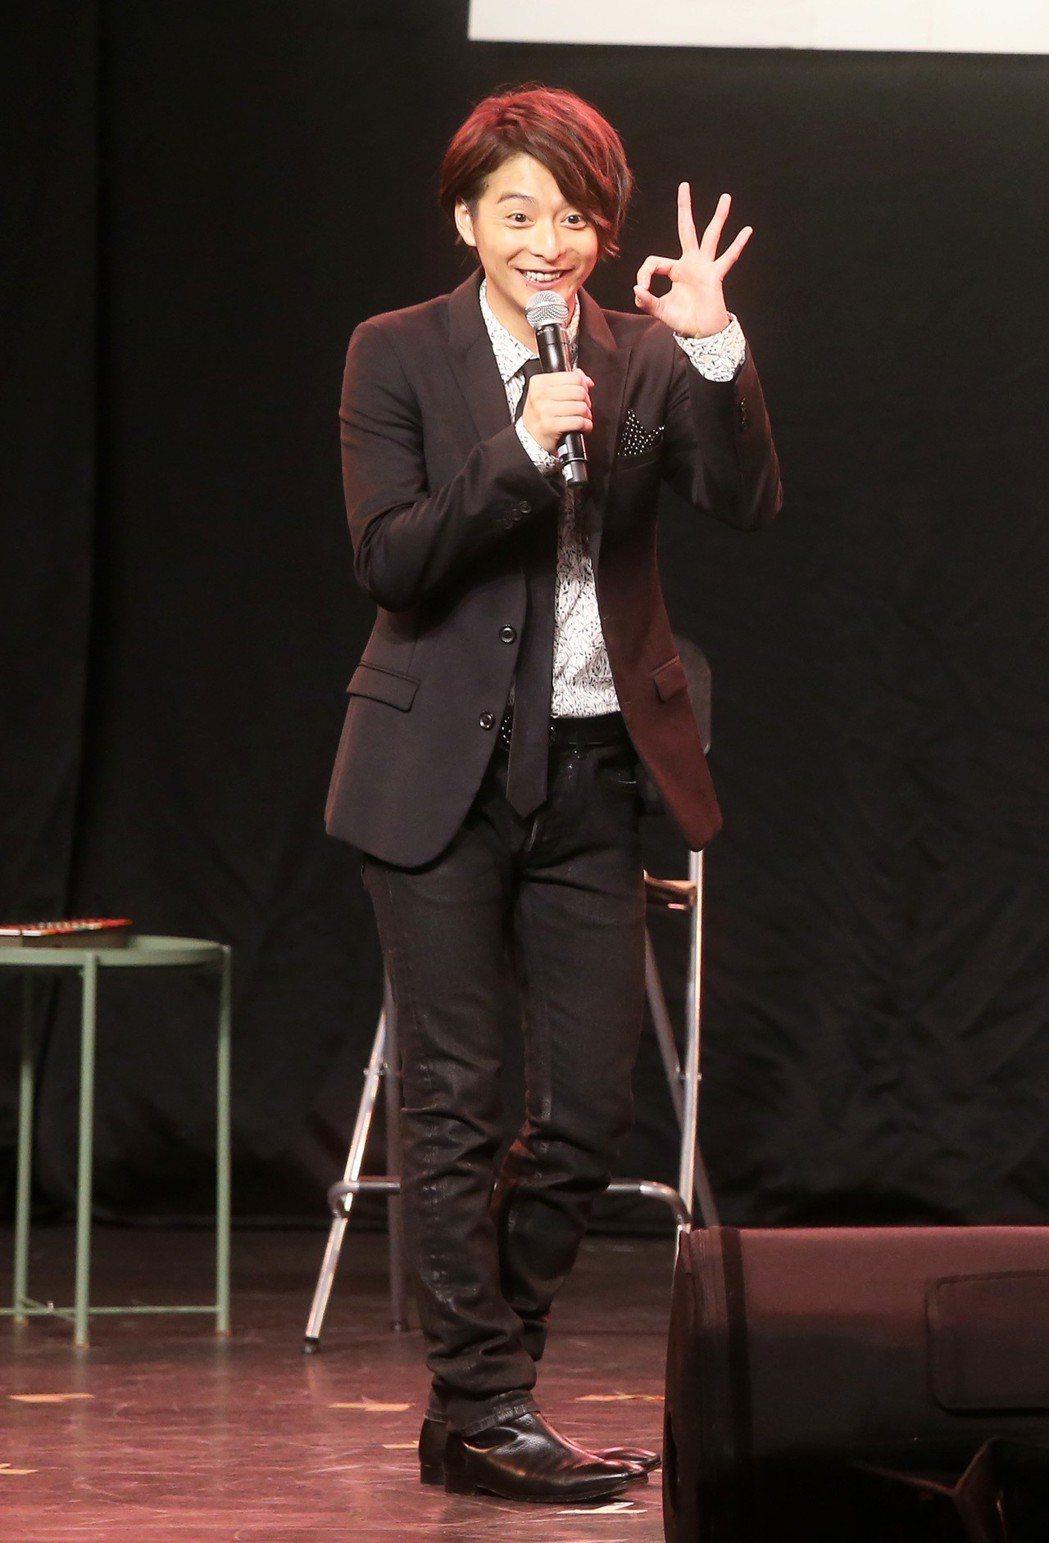 日本男星小池徹平今天在NEO STUDIO連辦兩場粉絲見面會。記者胡經周/攝影